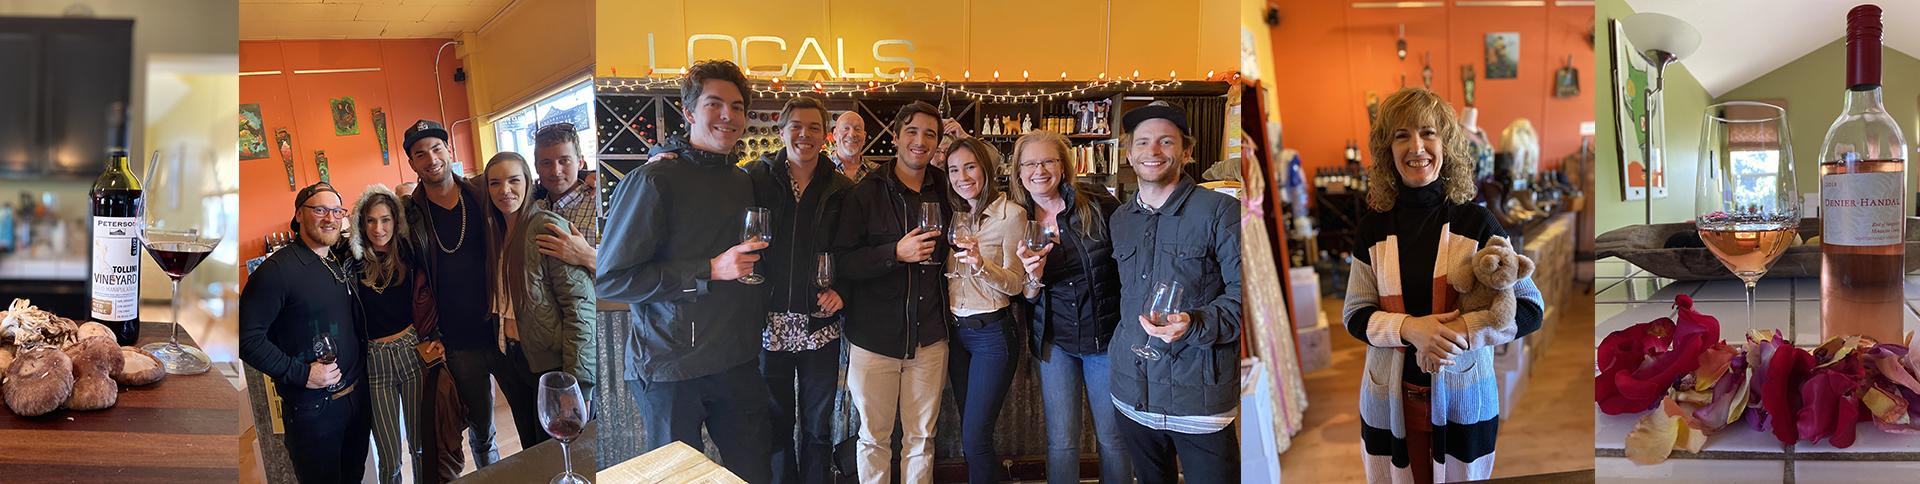 Locals Wine Club